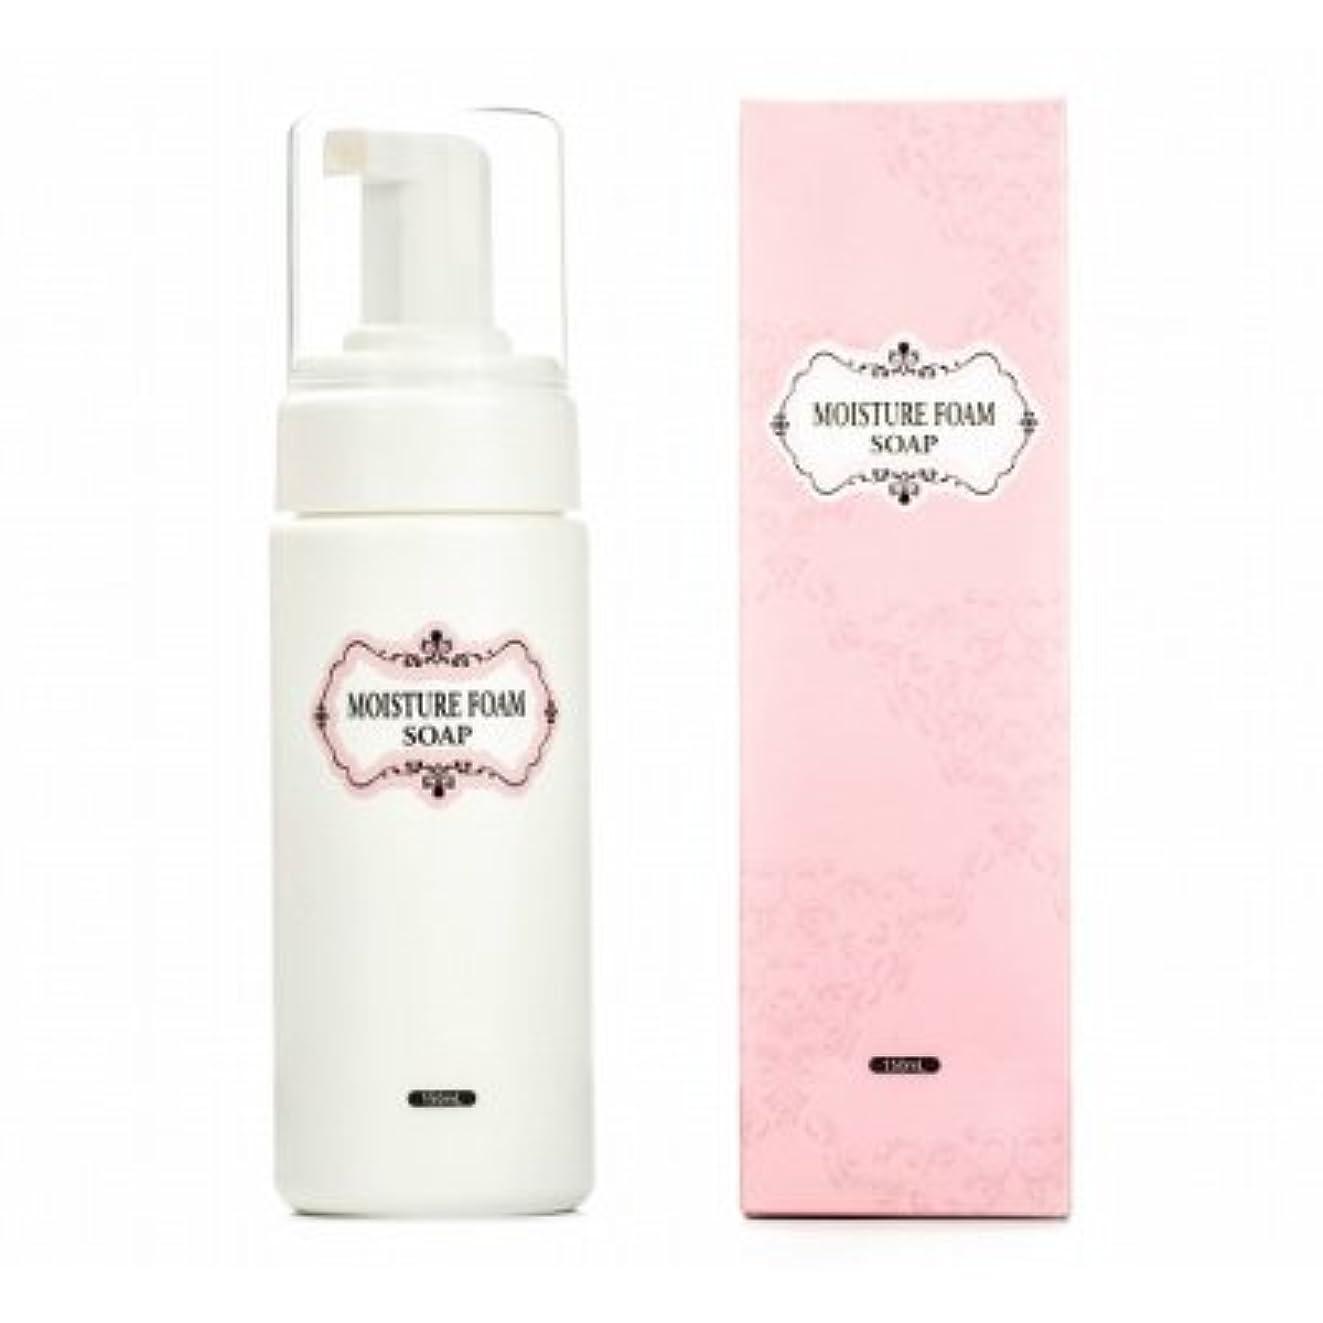 ワイド小康MOISTURE FOAM SOAP(モイスチャーフォームソープ) 150ml